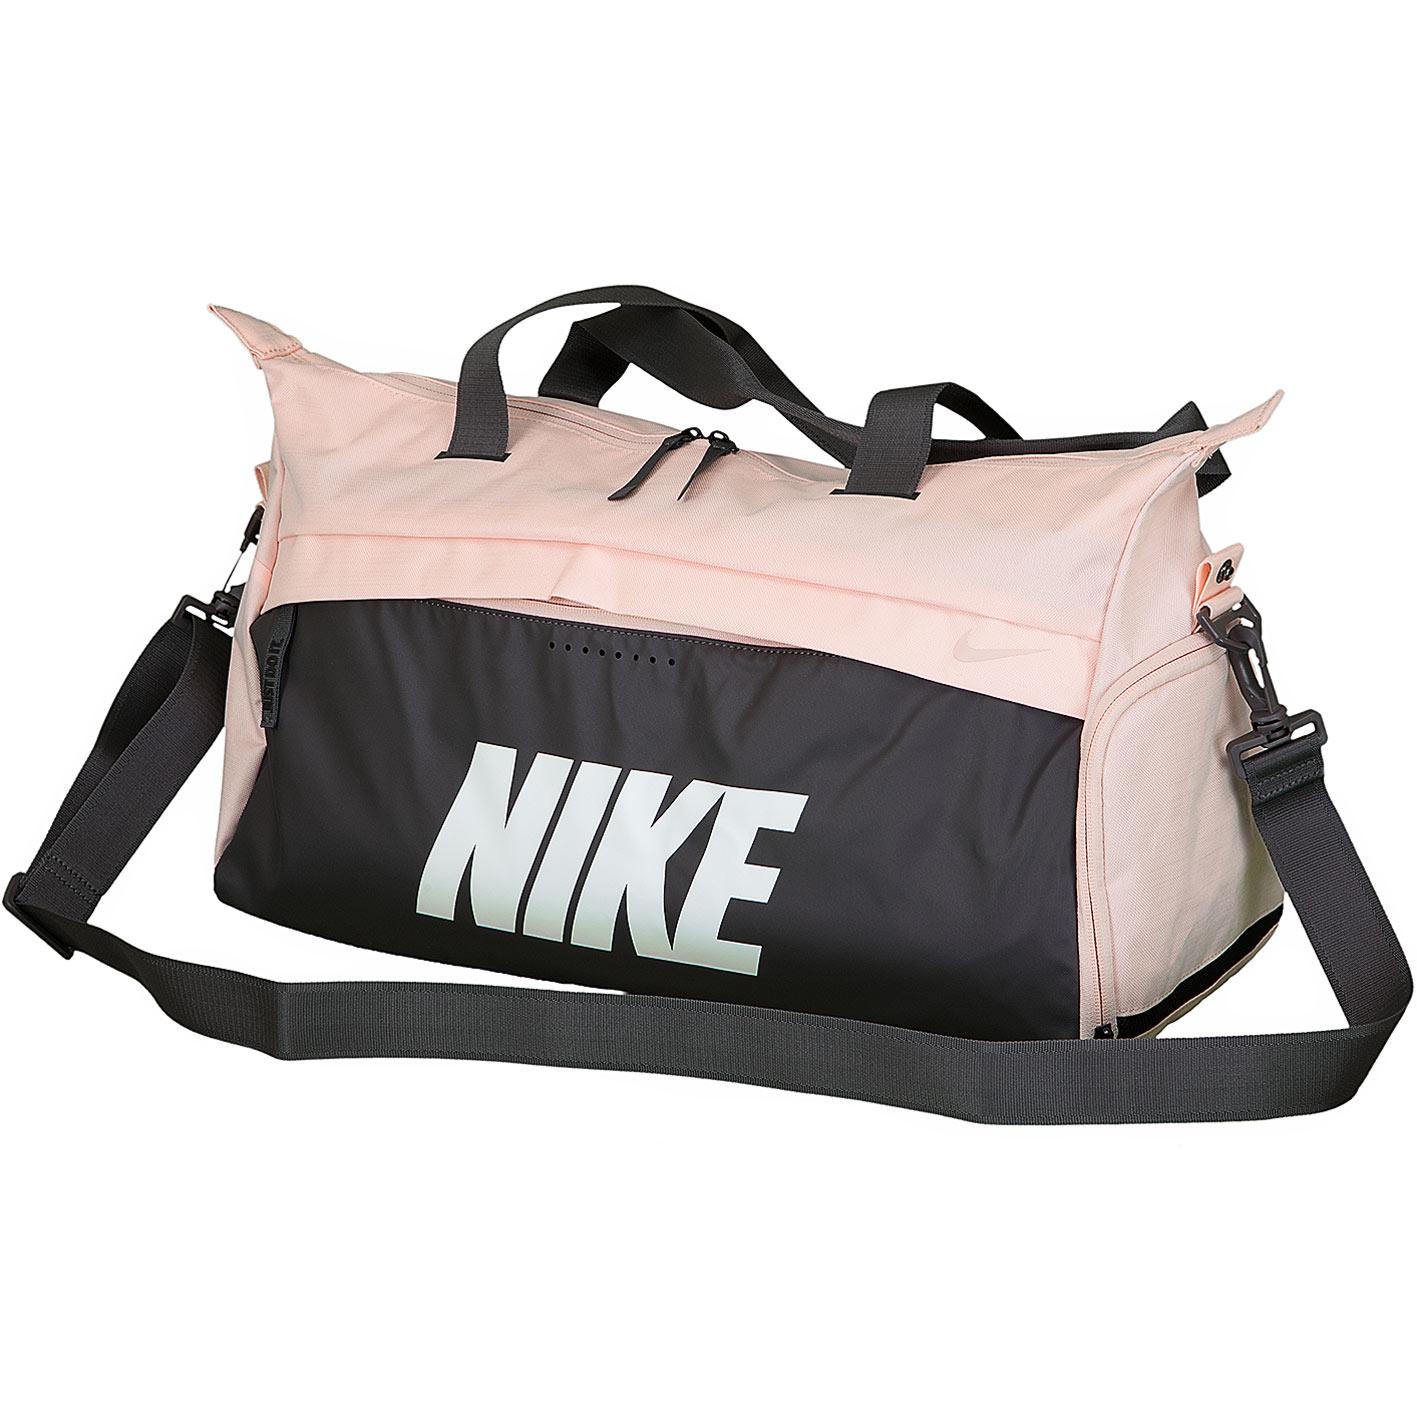 82417bf48de0a ☆ Nike Tasche Radiate coral grau - hier bestellen!